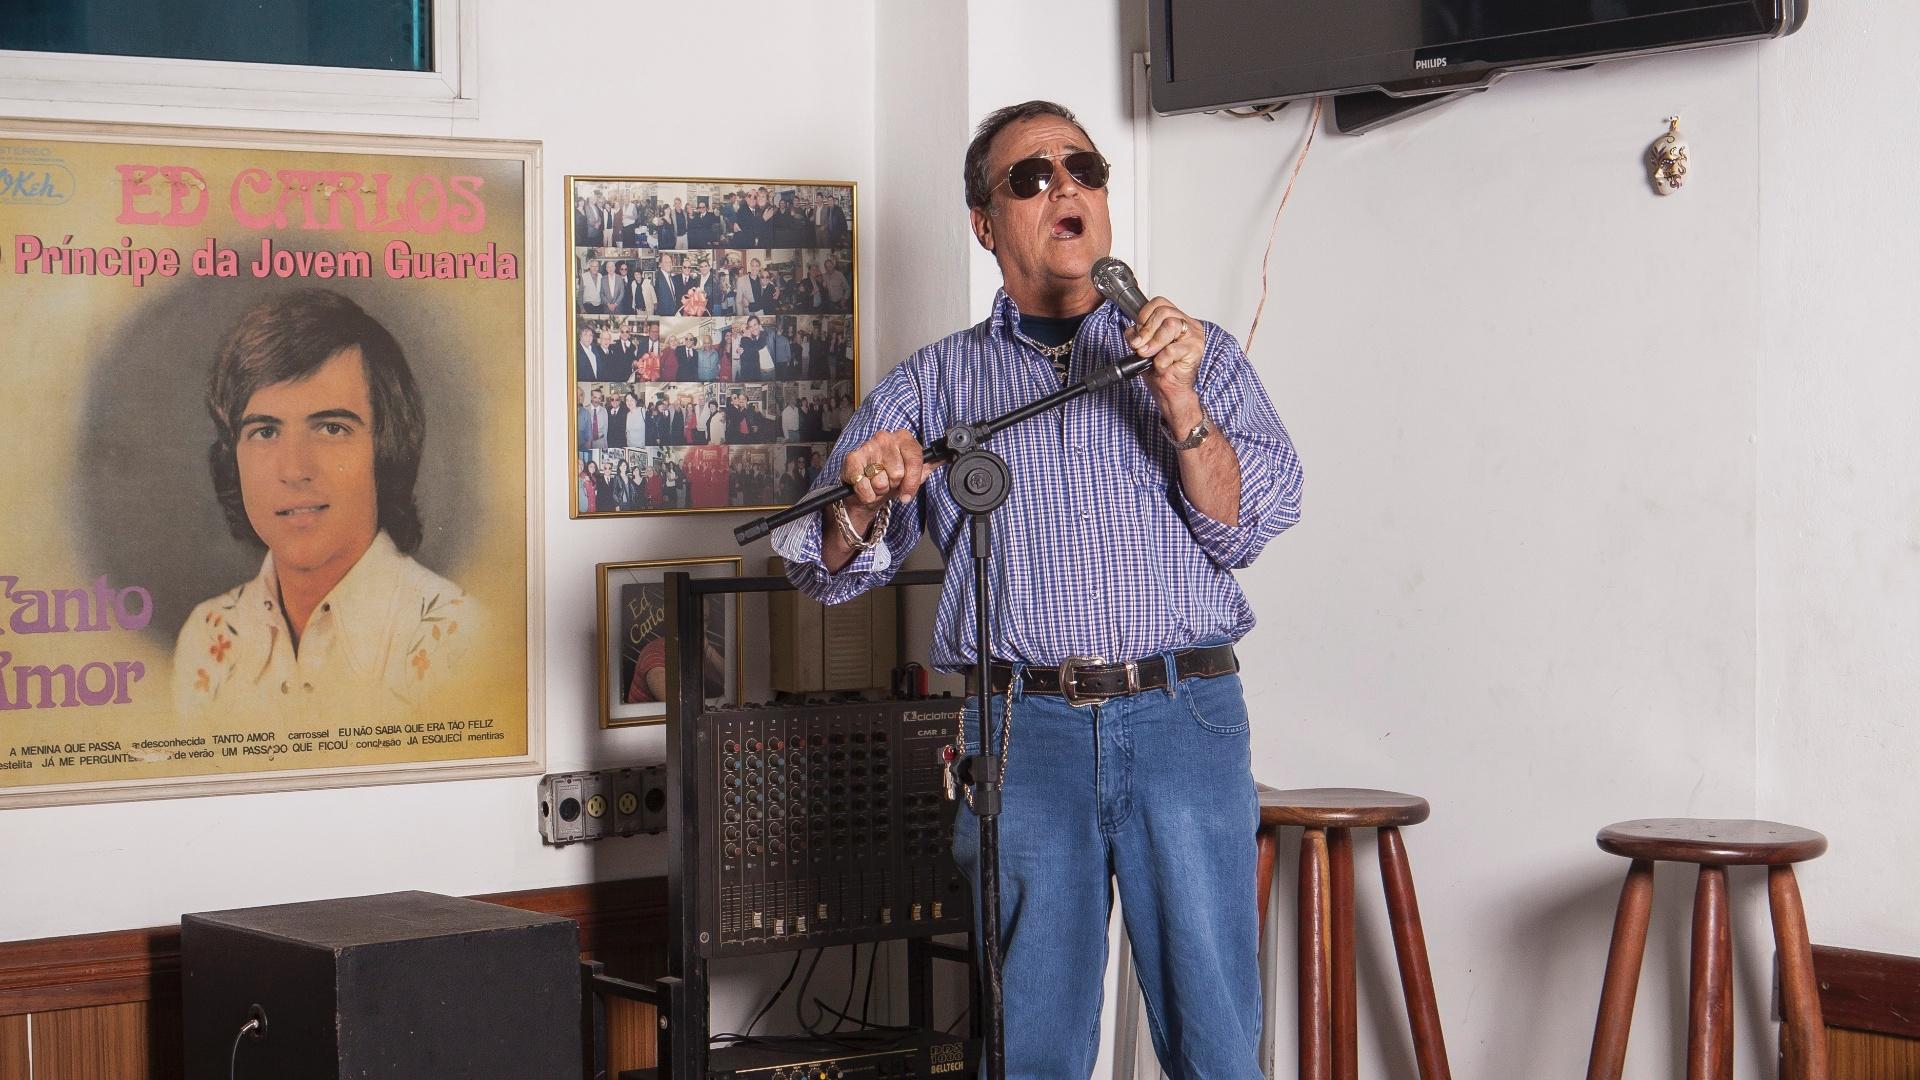 19.ago.2015 - Ed Carlos, cantor da Jovem Guarda, apresenta seu restaurante Ed Carnes, no Cambuci, em São Paulo